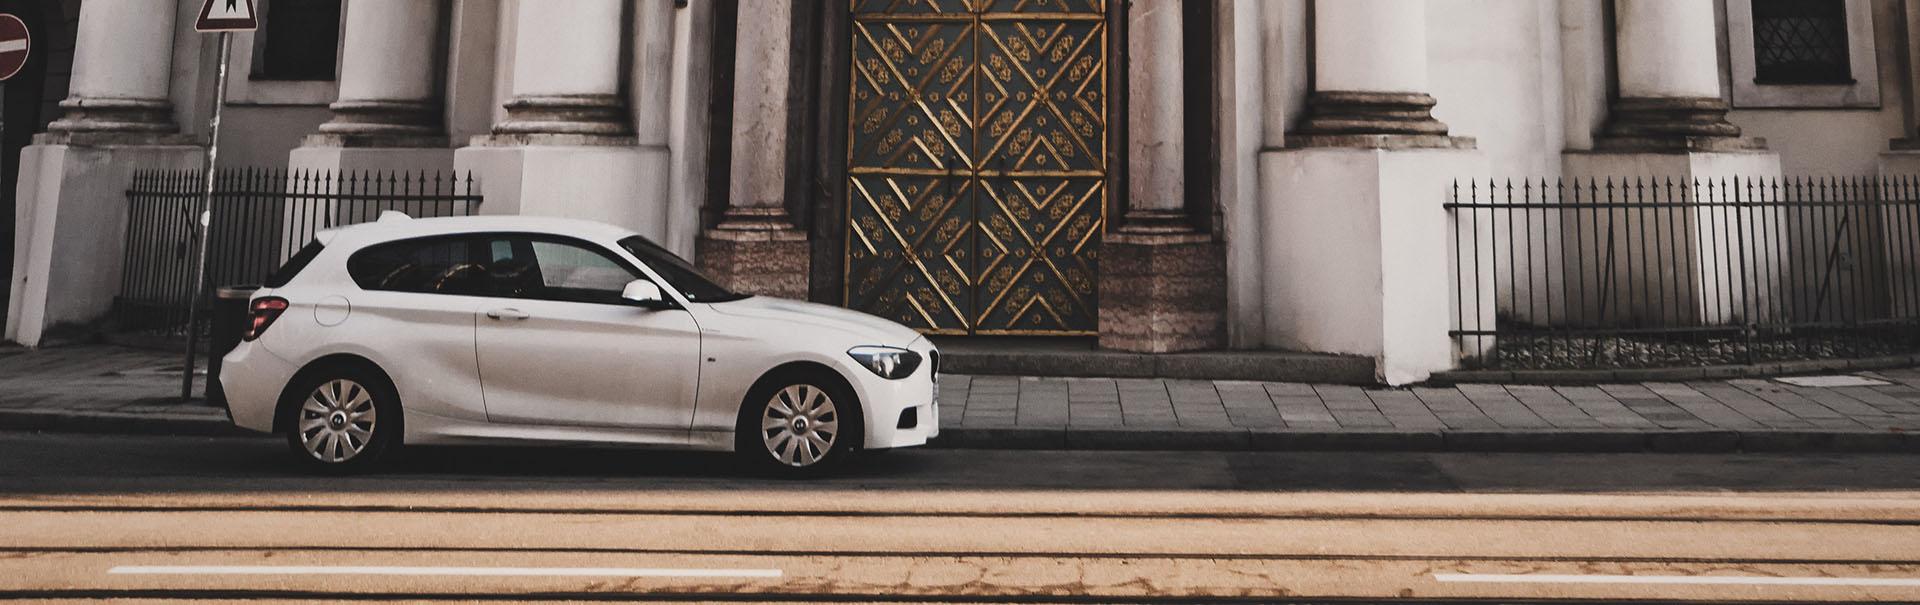 BMW 1er Gebrauchtwagen bestellen